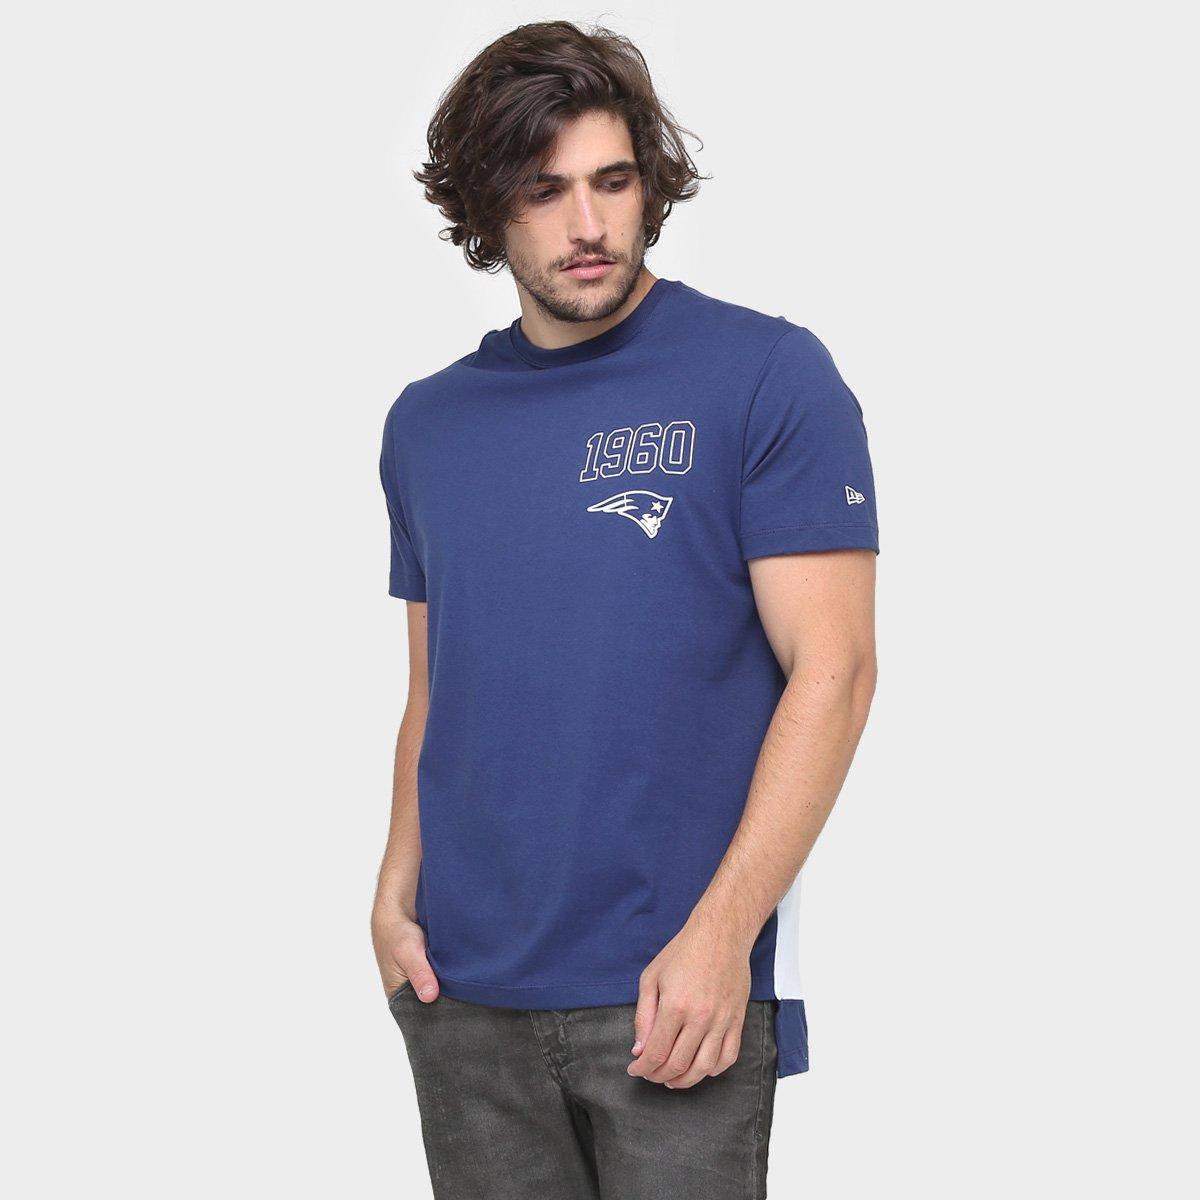 Camiseta New Era NFL Longer New England Patriots - Compre Agora ... b3d9fbc61bc96